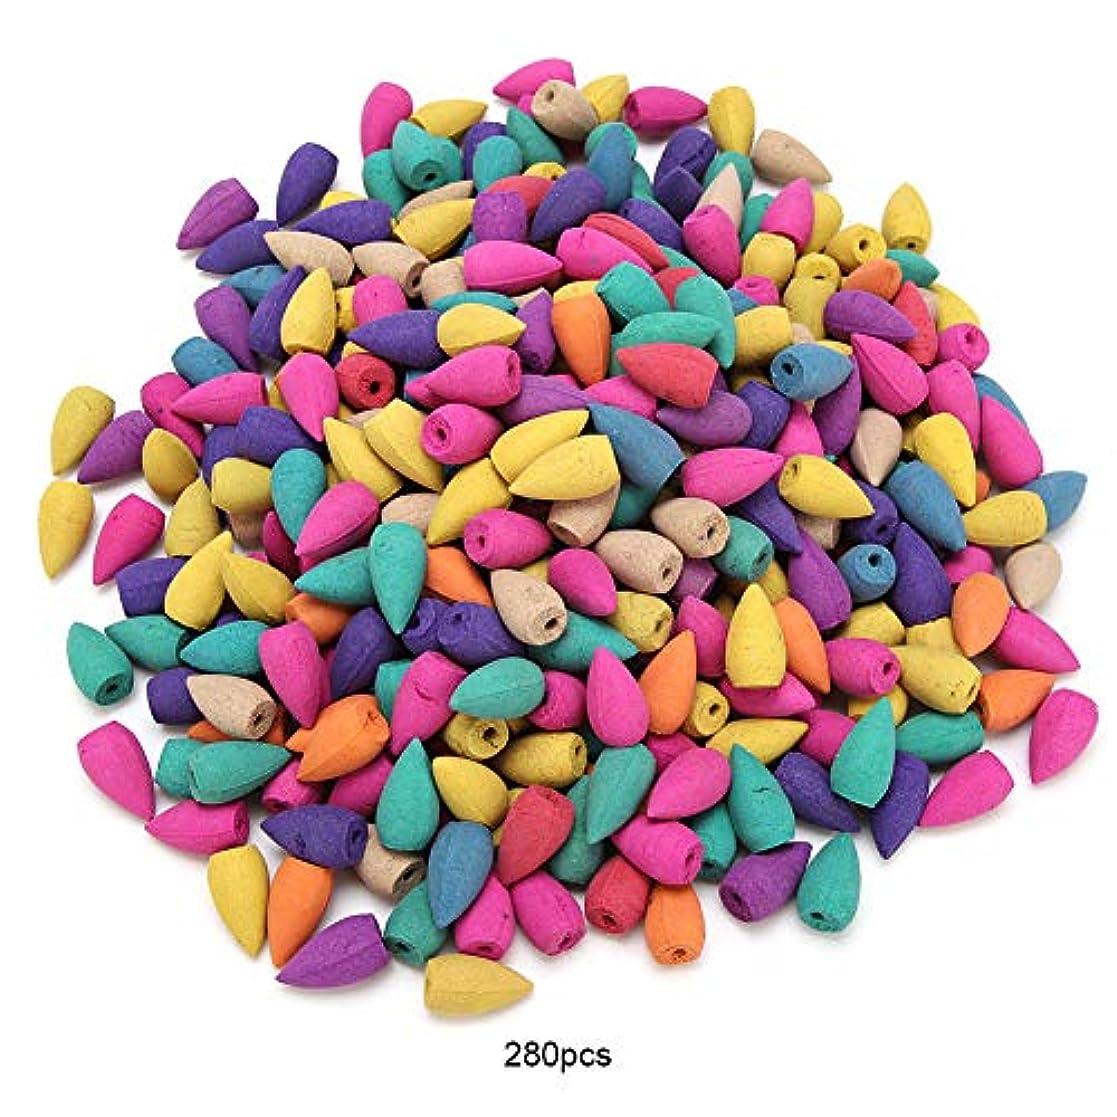 電化する単語バラ色芳香香コーン-280PCS天然芳香香スティック香水ビャクダンスパイス香